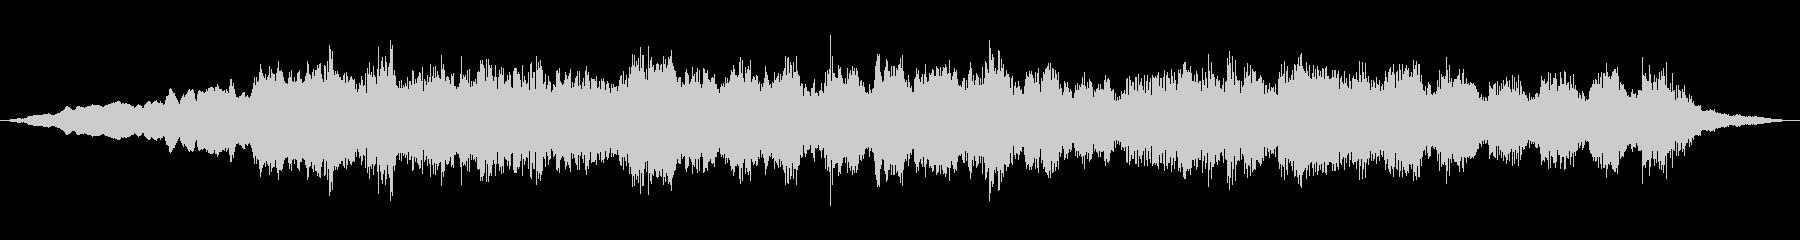 ドローン ベル01の未再生の波形